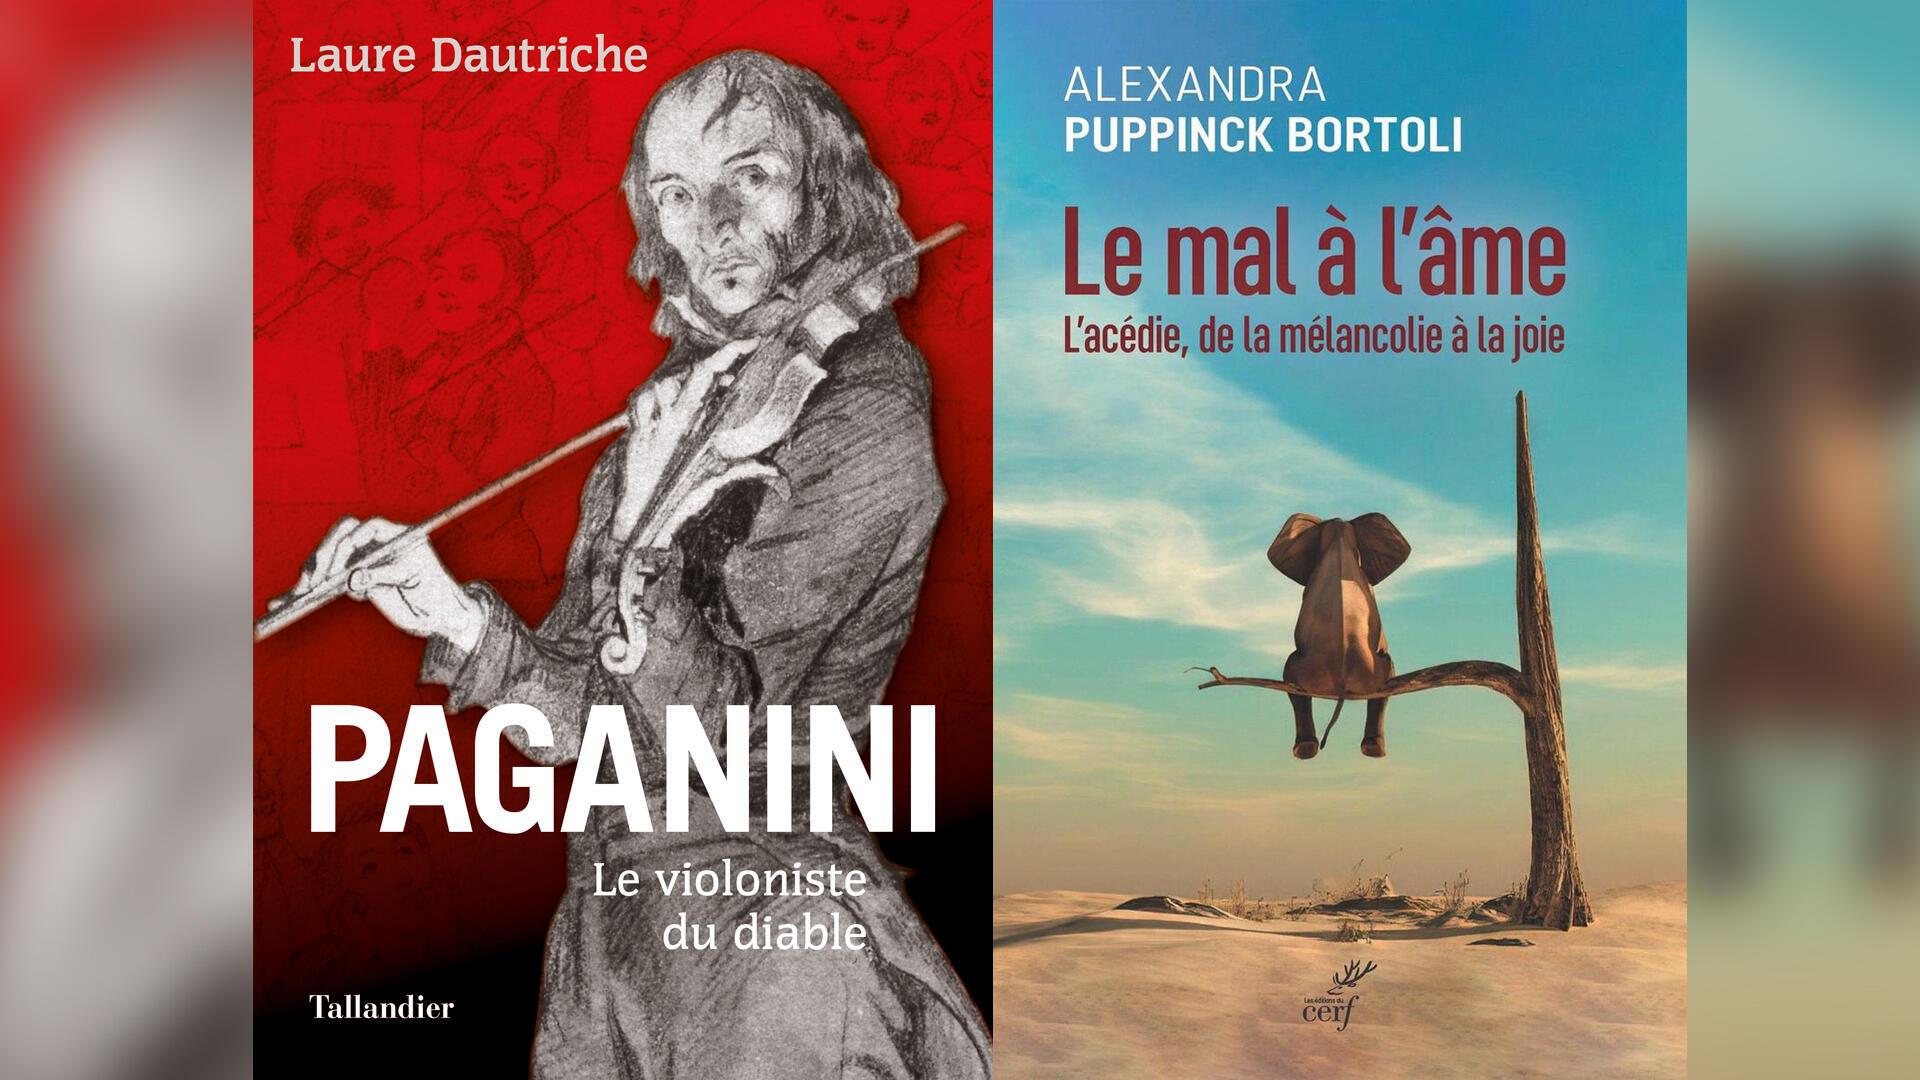 Montage - couvertures - Paganini le violoniste du diable - Laure Dautriche - Le mal à l'âme - Alexandra Puppinck Bortoli - Religions du monde